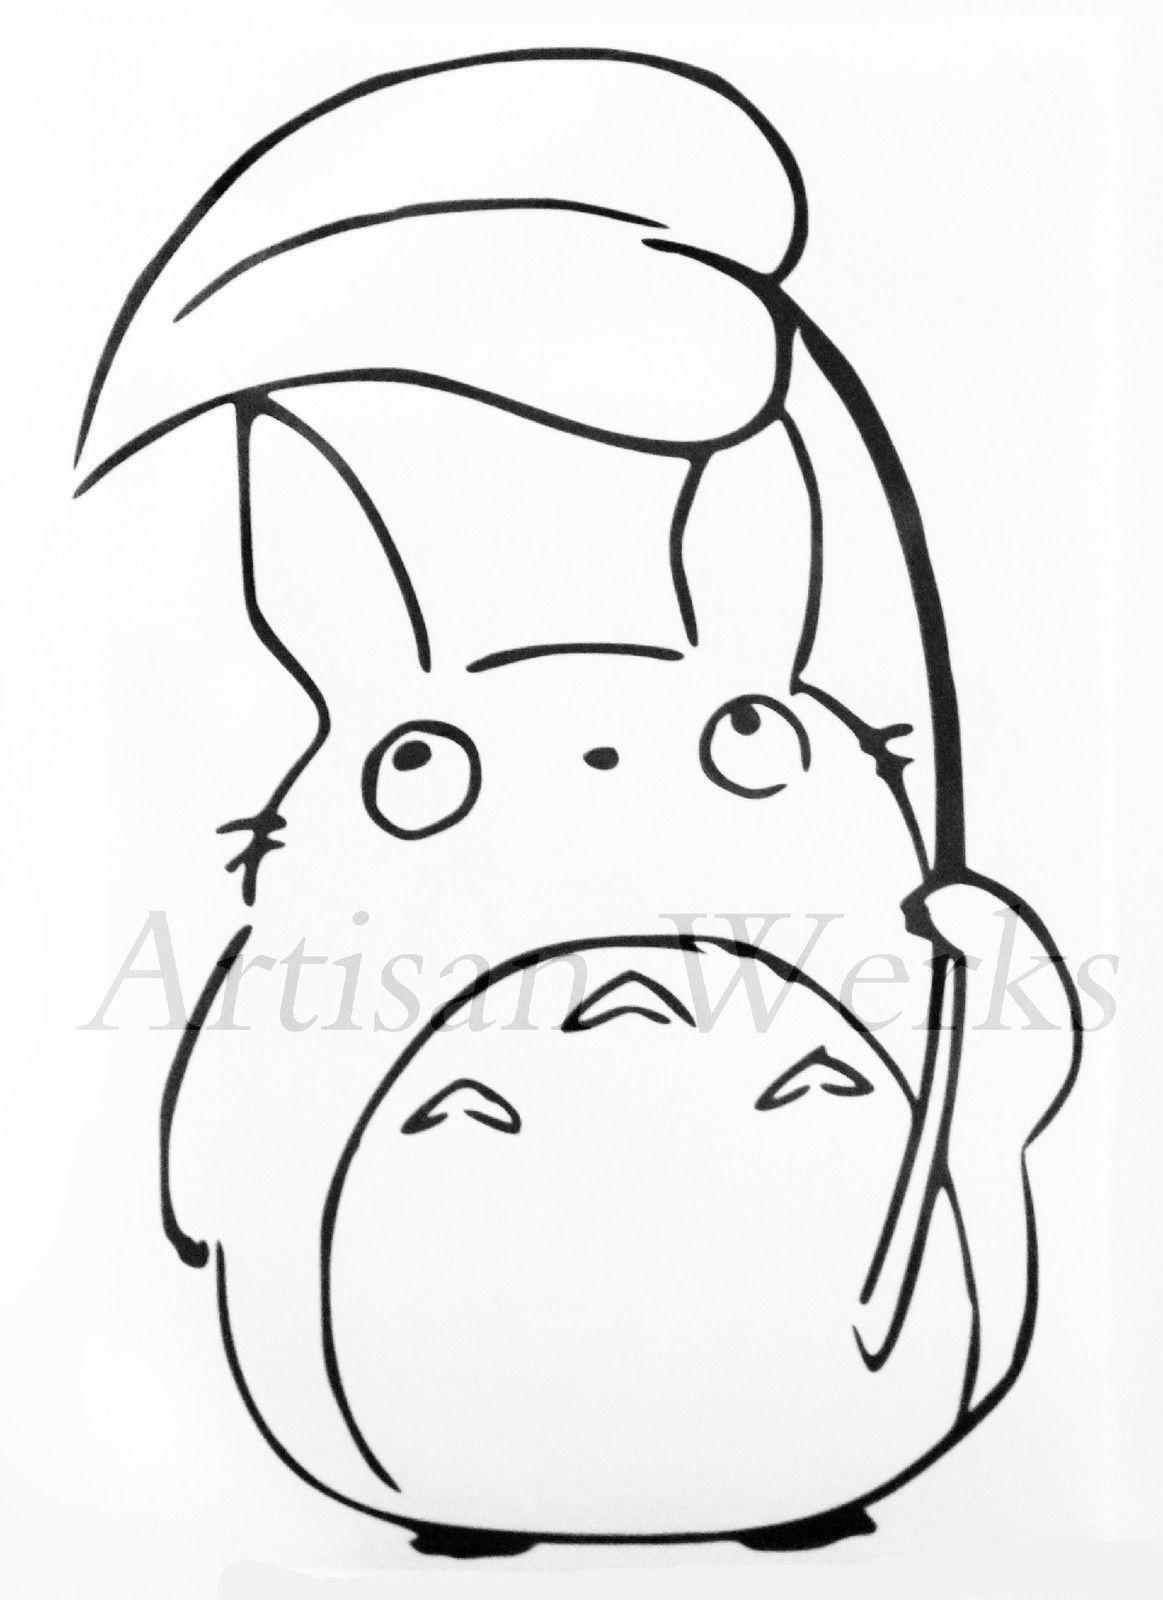 My Neighbor Totoro Chu Totoro Decal Sticker Leaf Manga Anime Car Window Laptop Totoro Drawing Totoro Art My Neighbor Totoro [ 1600 x 1163 Pixel ]